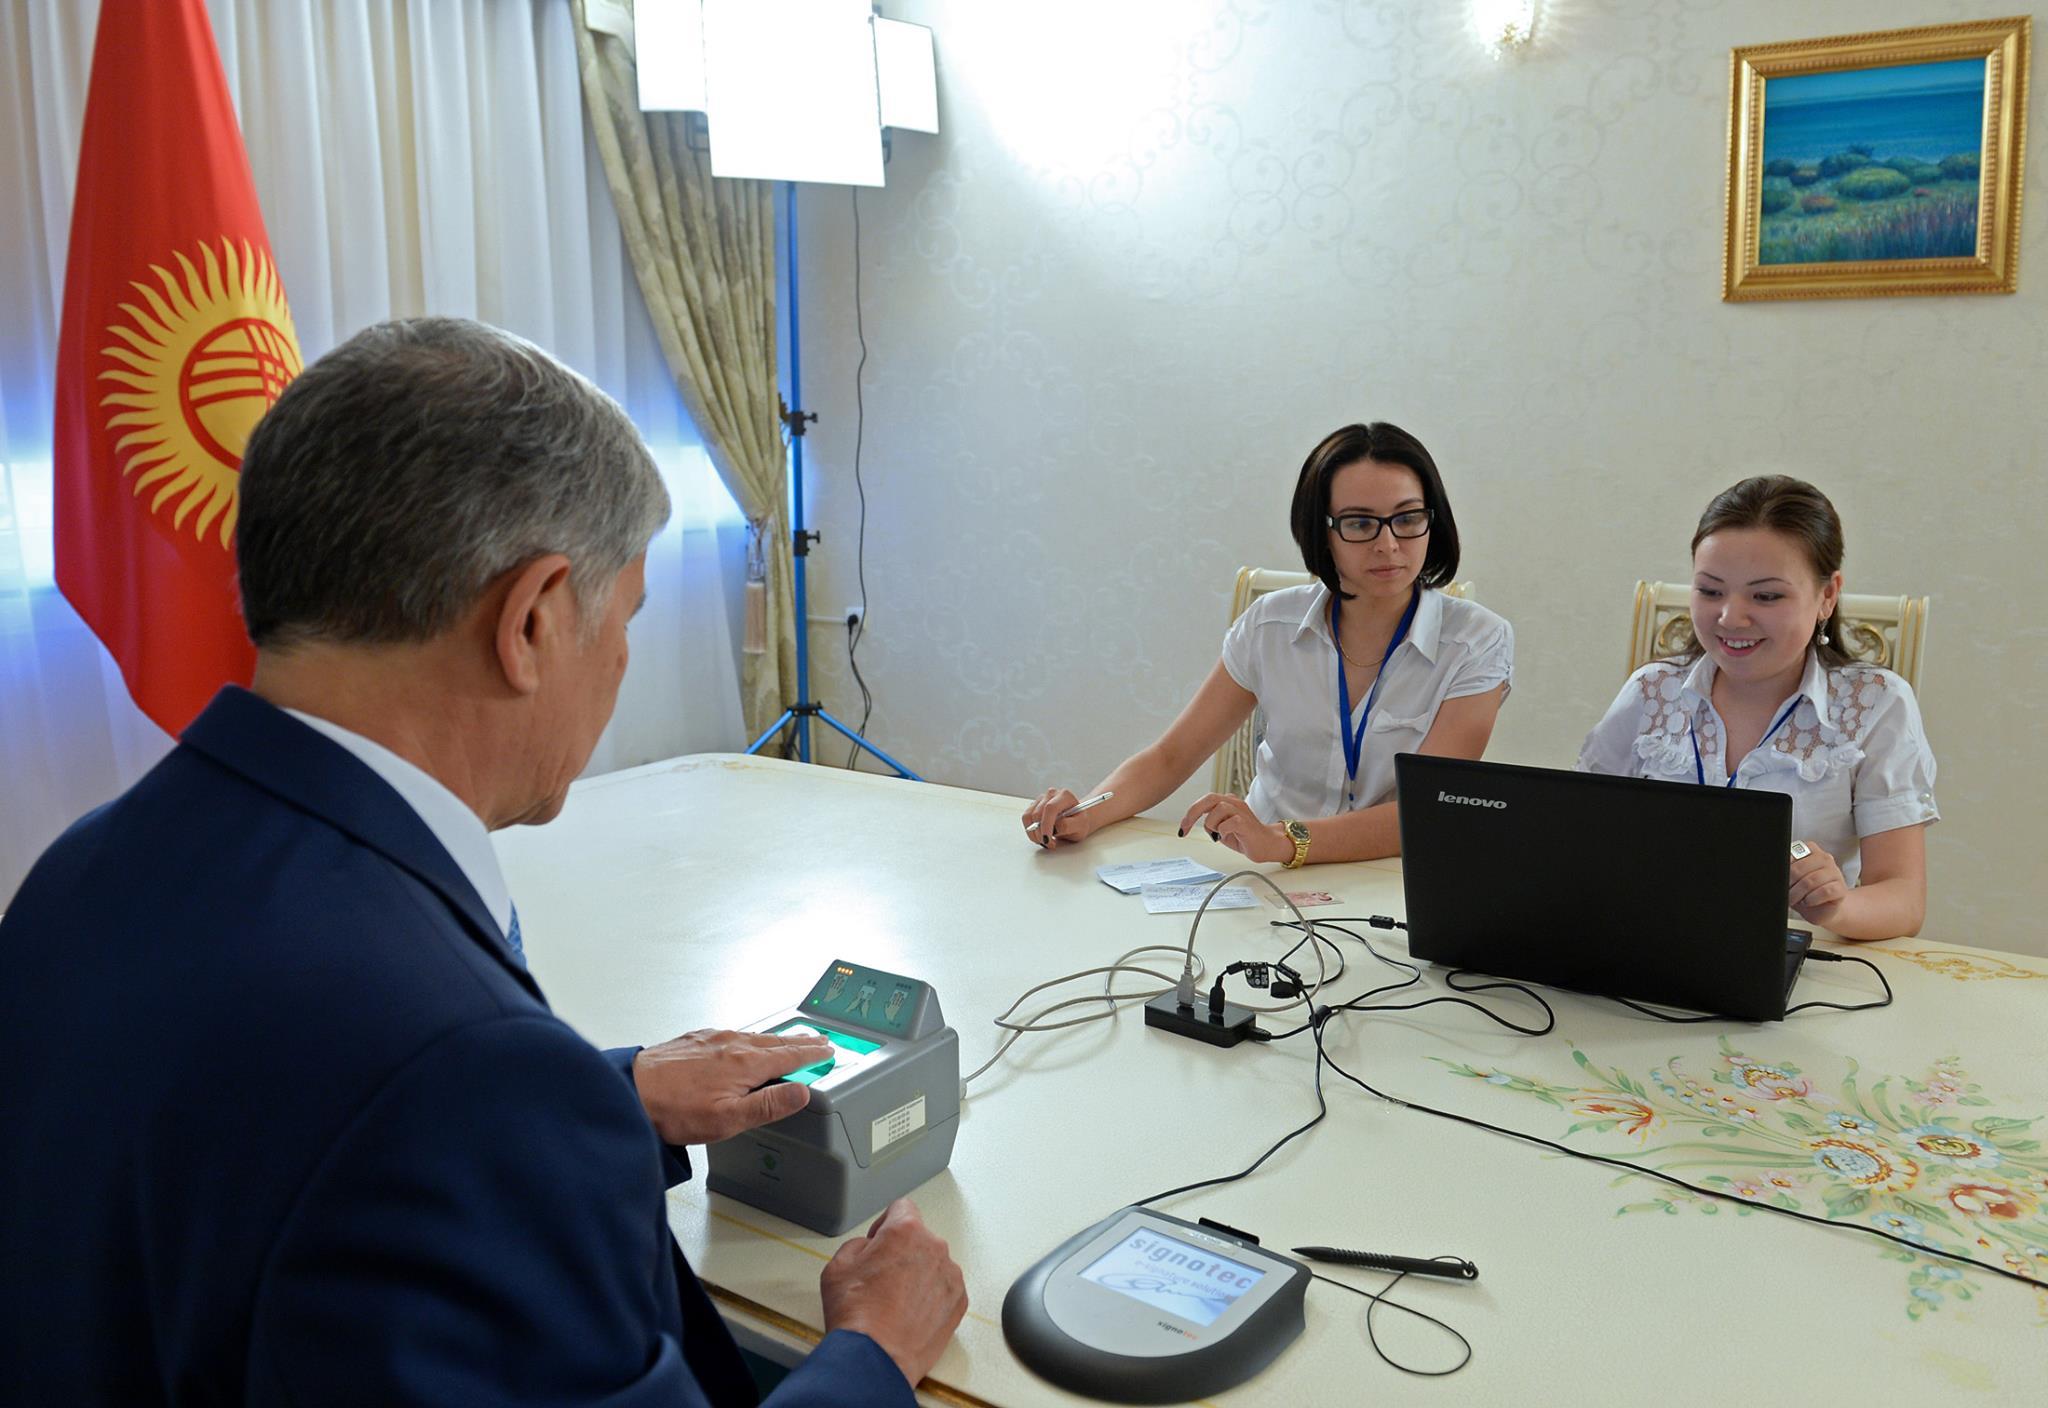 Президент Алмазбек Атамбаев сдал свои биометрические данные спустя год после начала кампании по сбору биометрии.